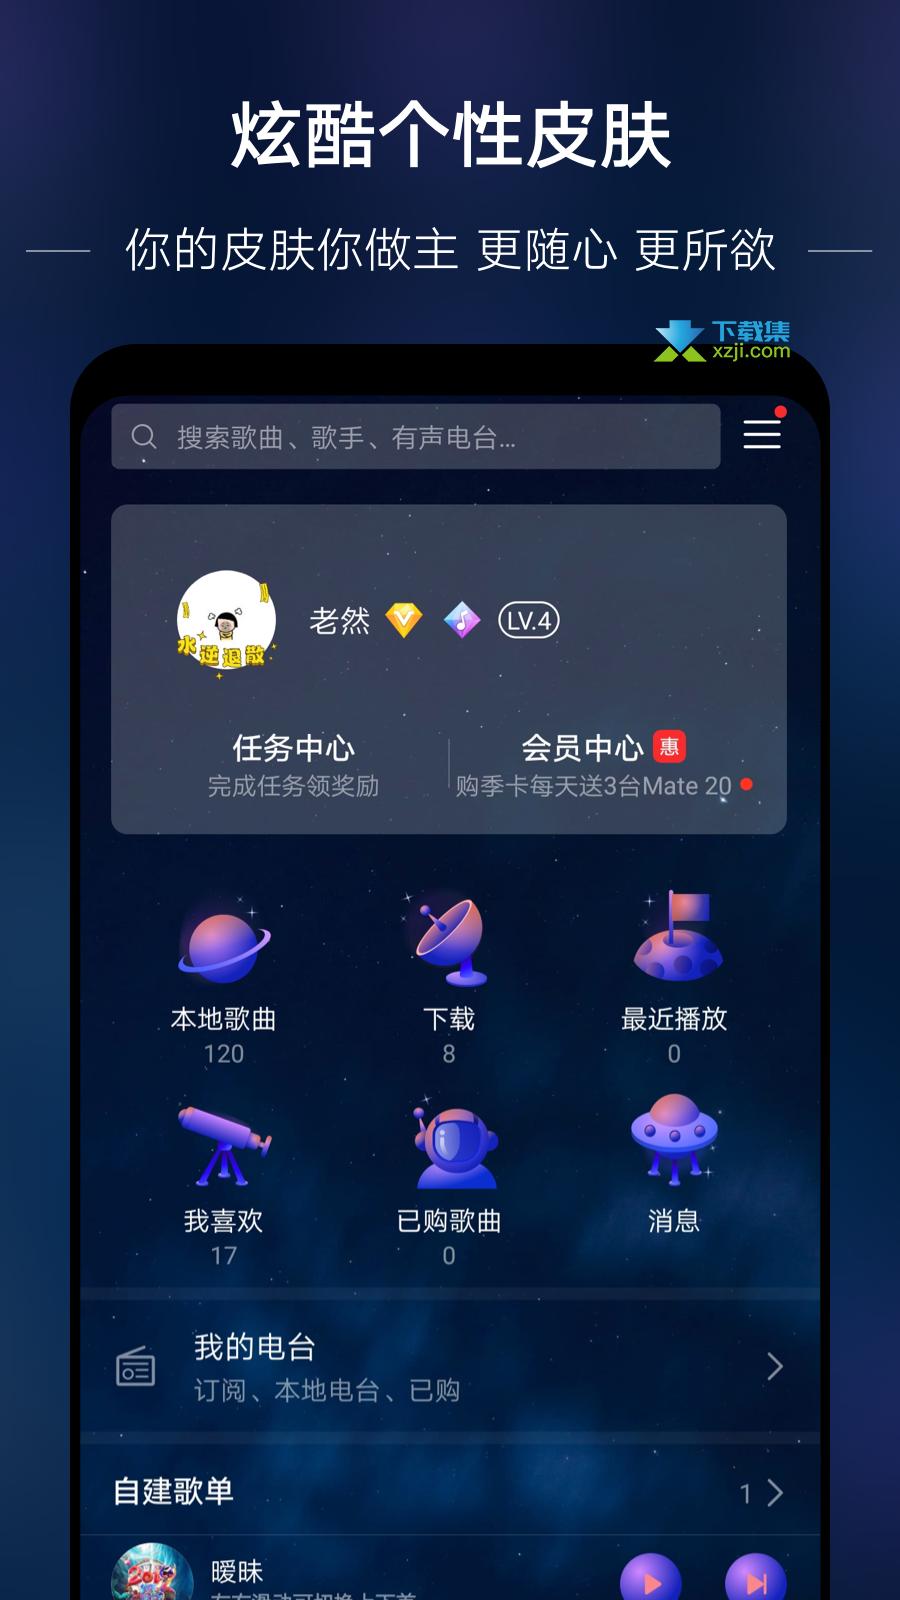 华为音乐播放器界面3